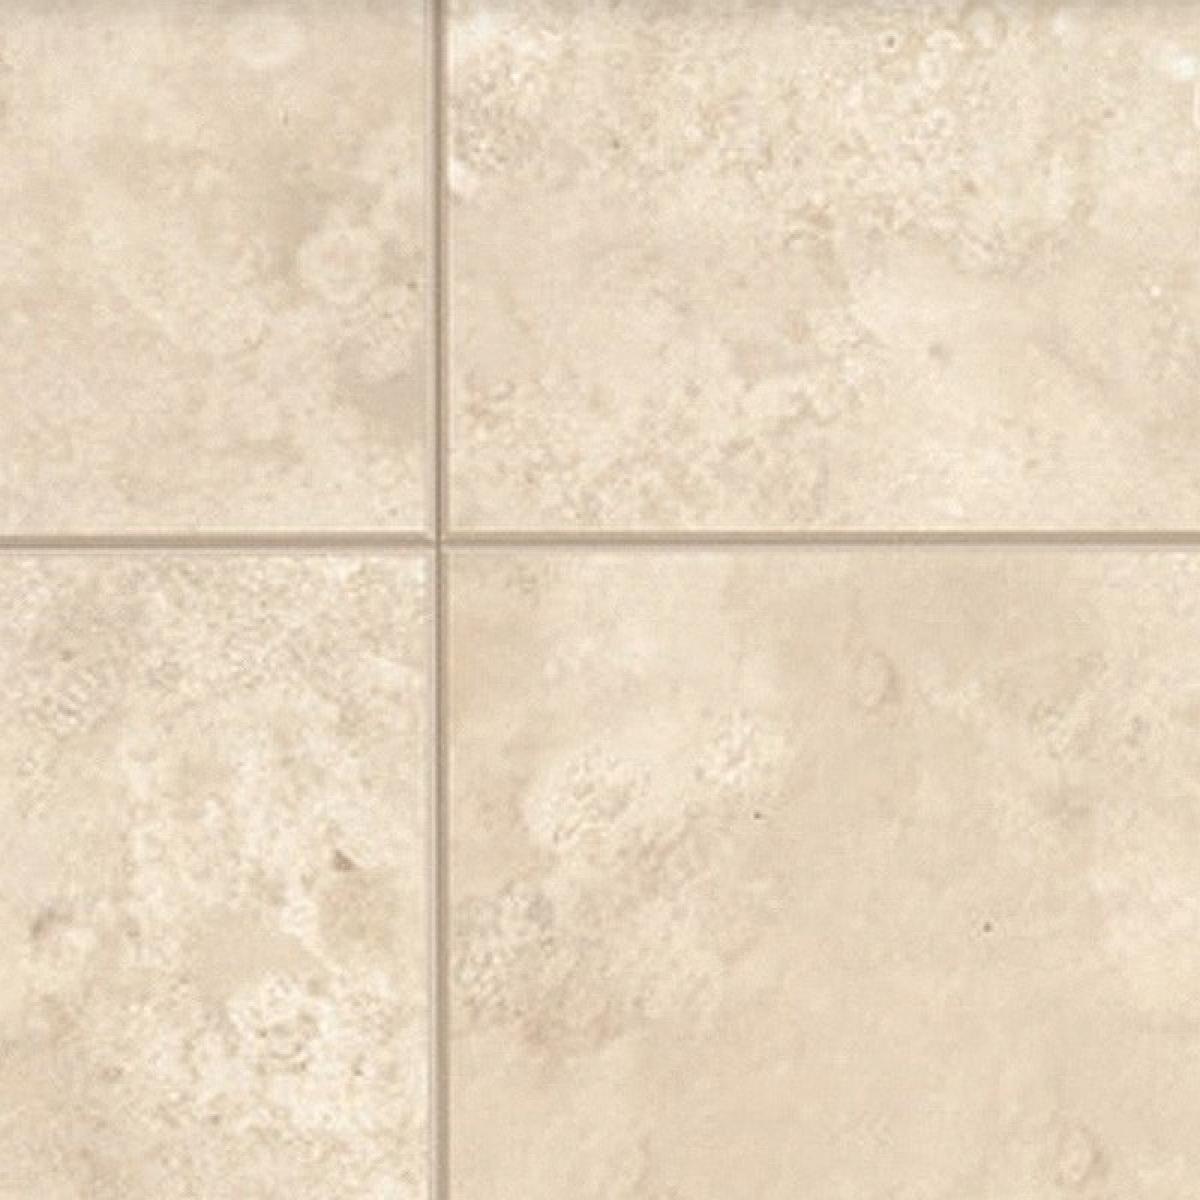 Quick Step Exquisa Tivoli Travertine, Black Travertine Laminate Flooring